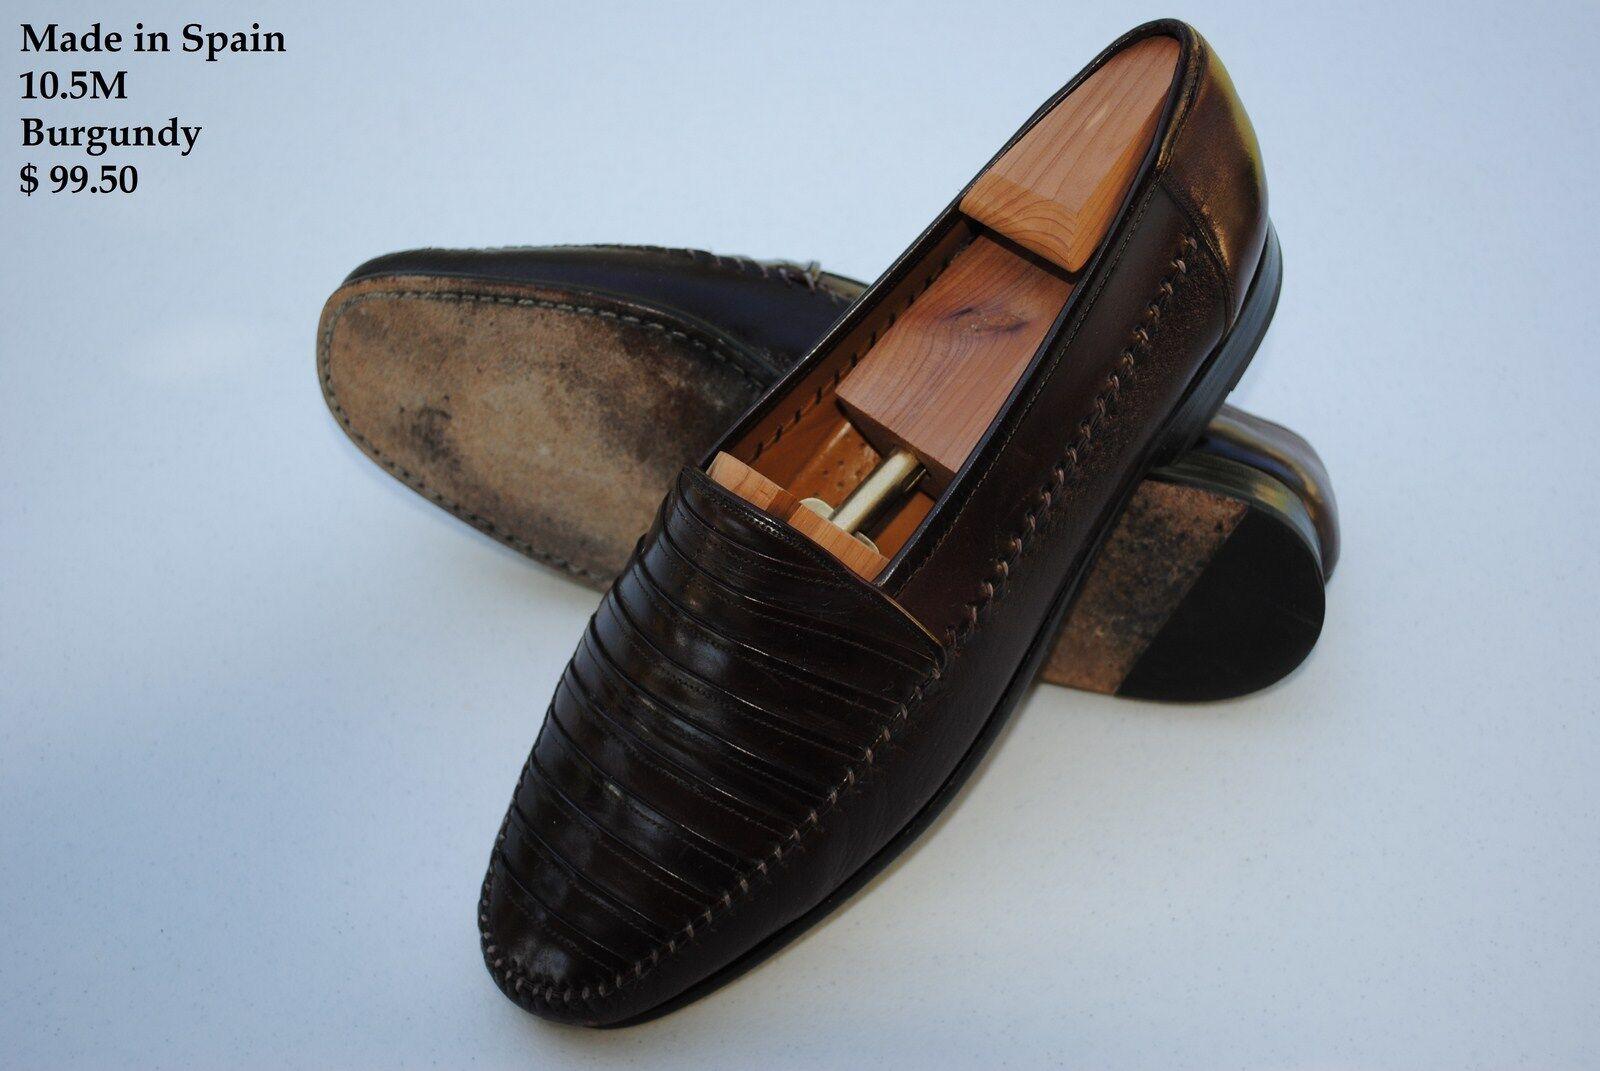 Calf and Deerskin Handmade in Spain men shoes